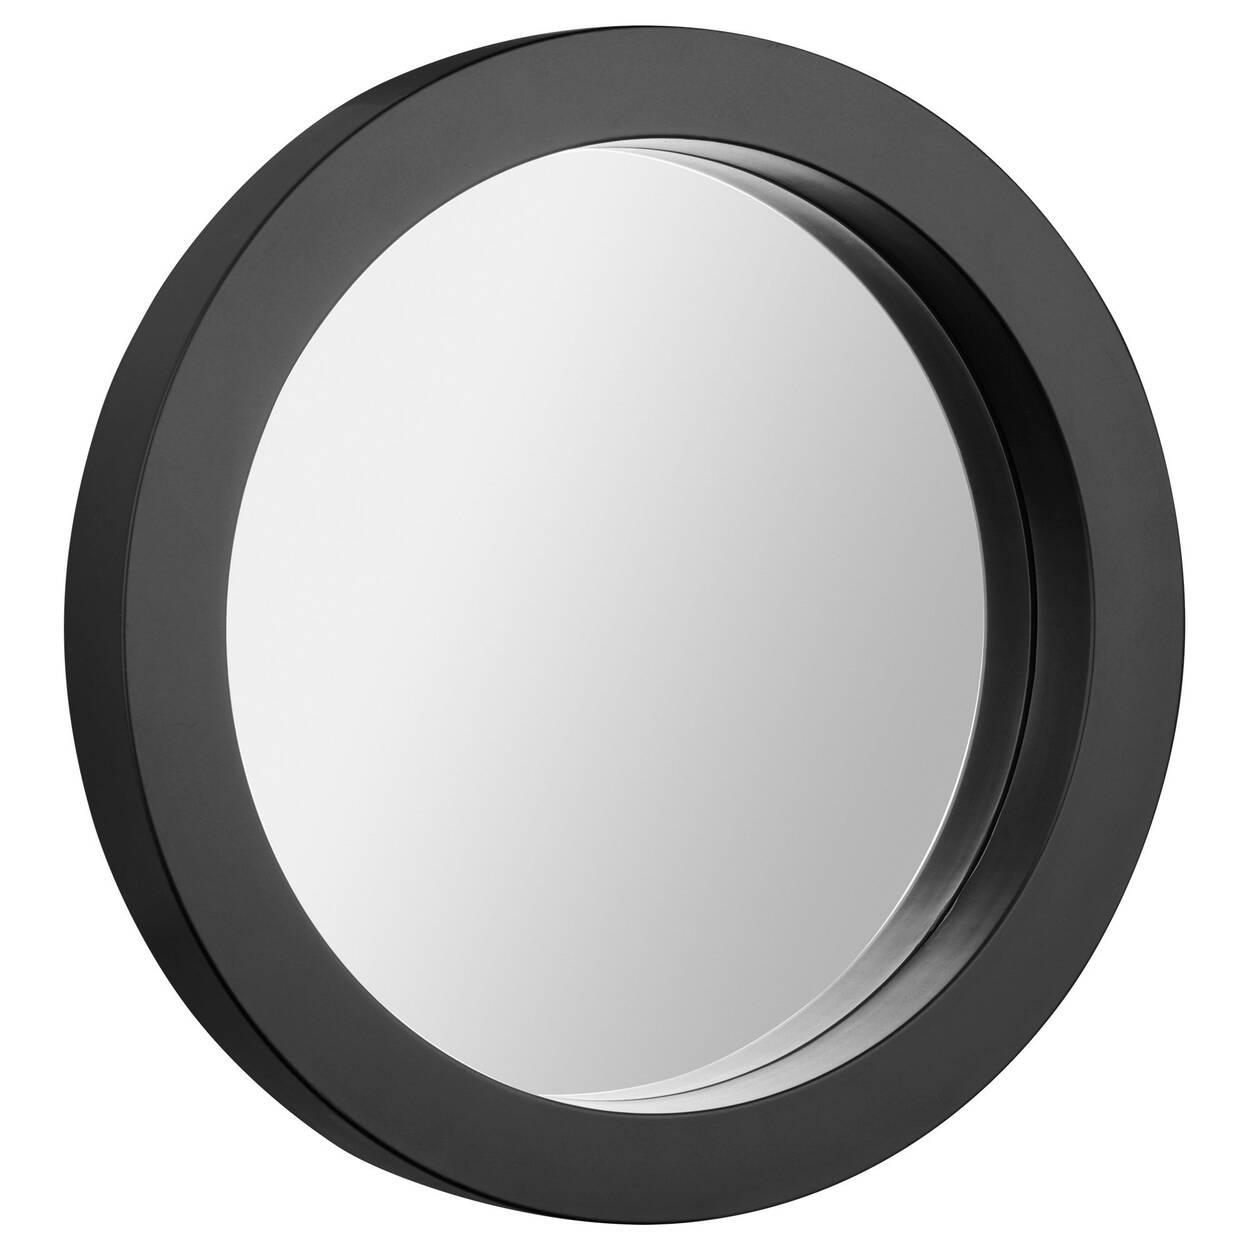 Set of 3 Round Mirrors